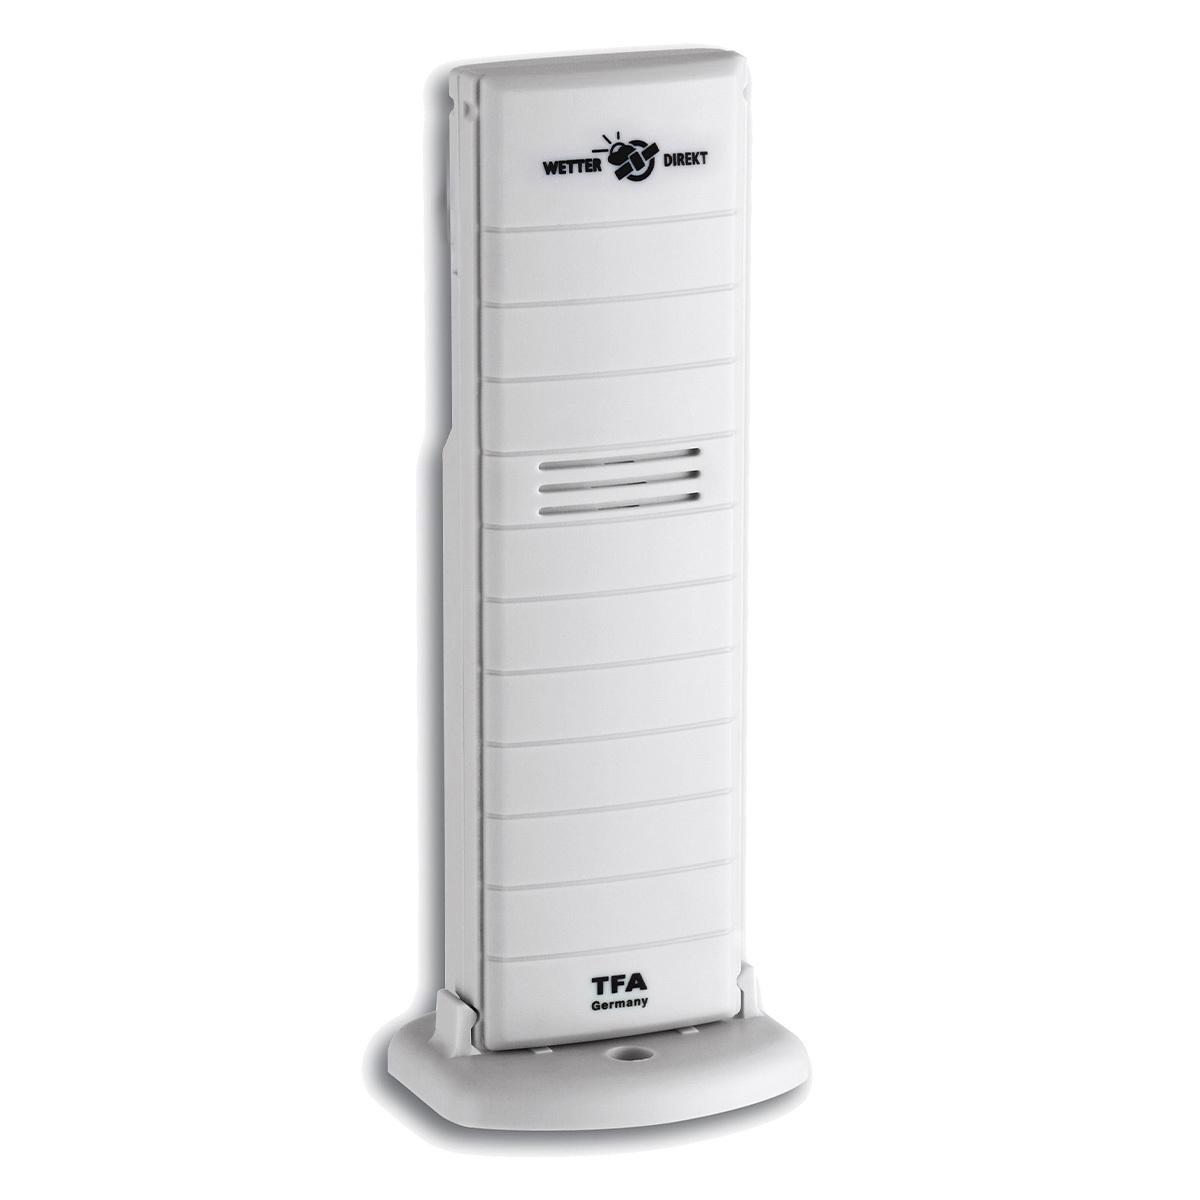 30-3156-wd-temperatursender-wetterdirekt-1200x1200px.jpg